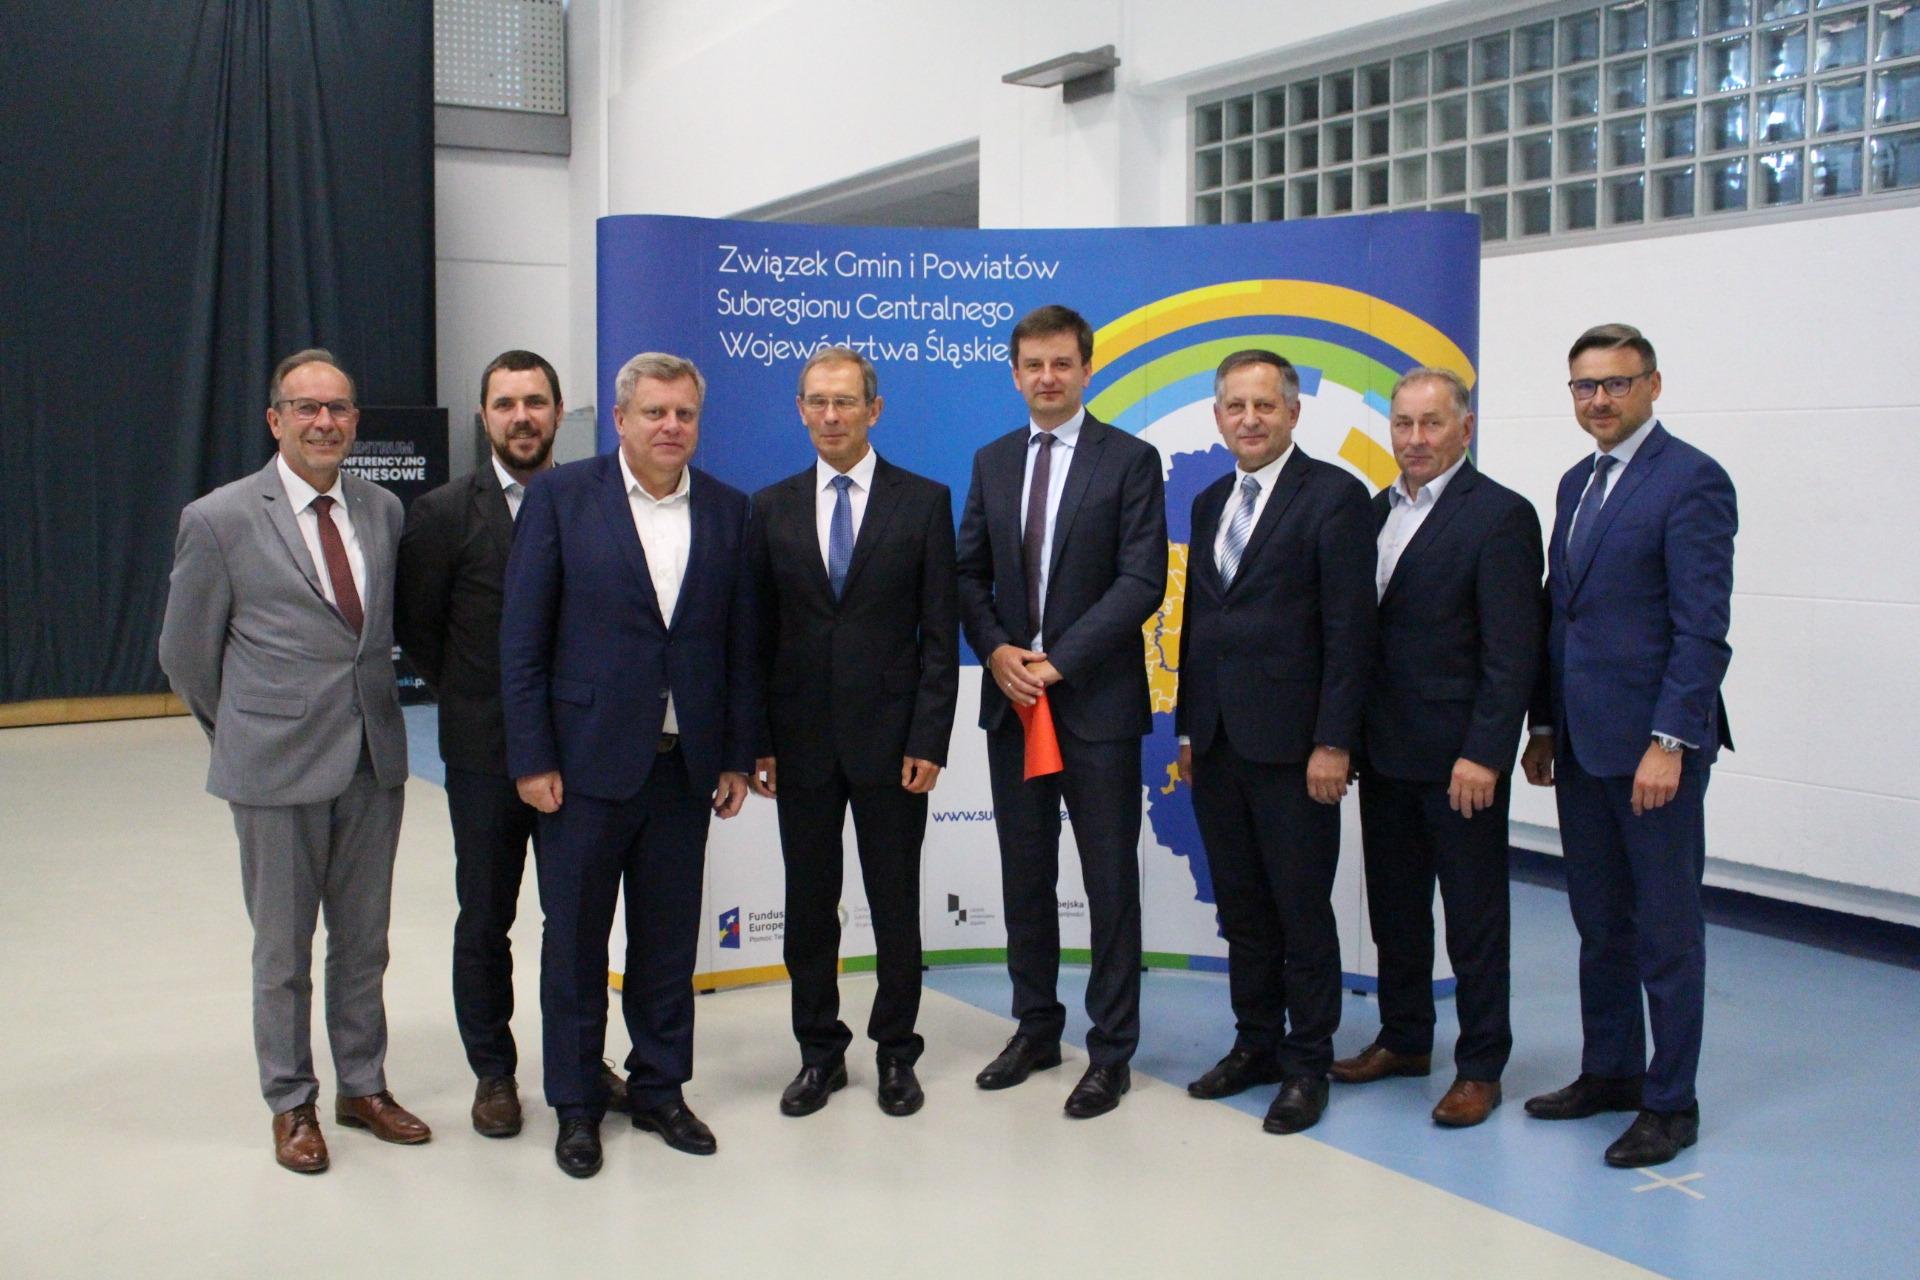 zarząd Subregionu Centralnego